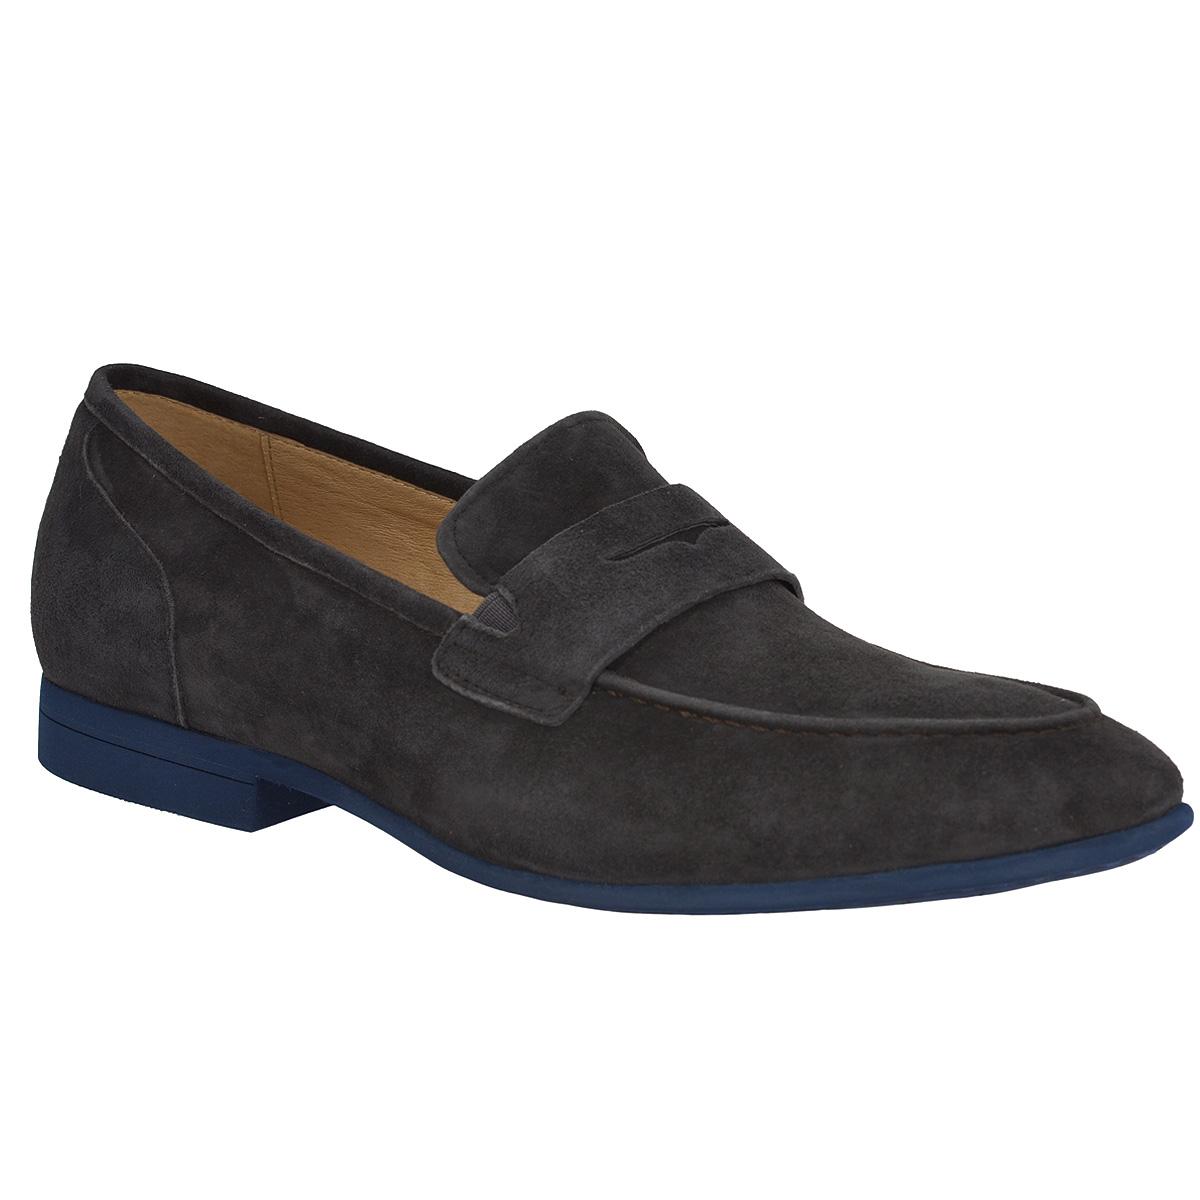 M13525Модные мужские туфли Vitacci займут достойное место в вашем гардеробе. Модель изготовлена из натуральной замши. Мыс изделия оформлен декоративным внешним швом и декоративным ремнем с прорезью. Резинки, расположенные на подъеме, обеспечивают оптимальную посадку модели на ноге. Стелька из натуральной кожи позволяет ногам дышать. Подкладка выполнена из нубука. Низкий каблук и подошва из вспененного полимера EVA дополнены противоскользящим рифлением. Стильные туфли не оставят равнодушным ни одного мужчину.